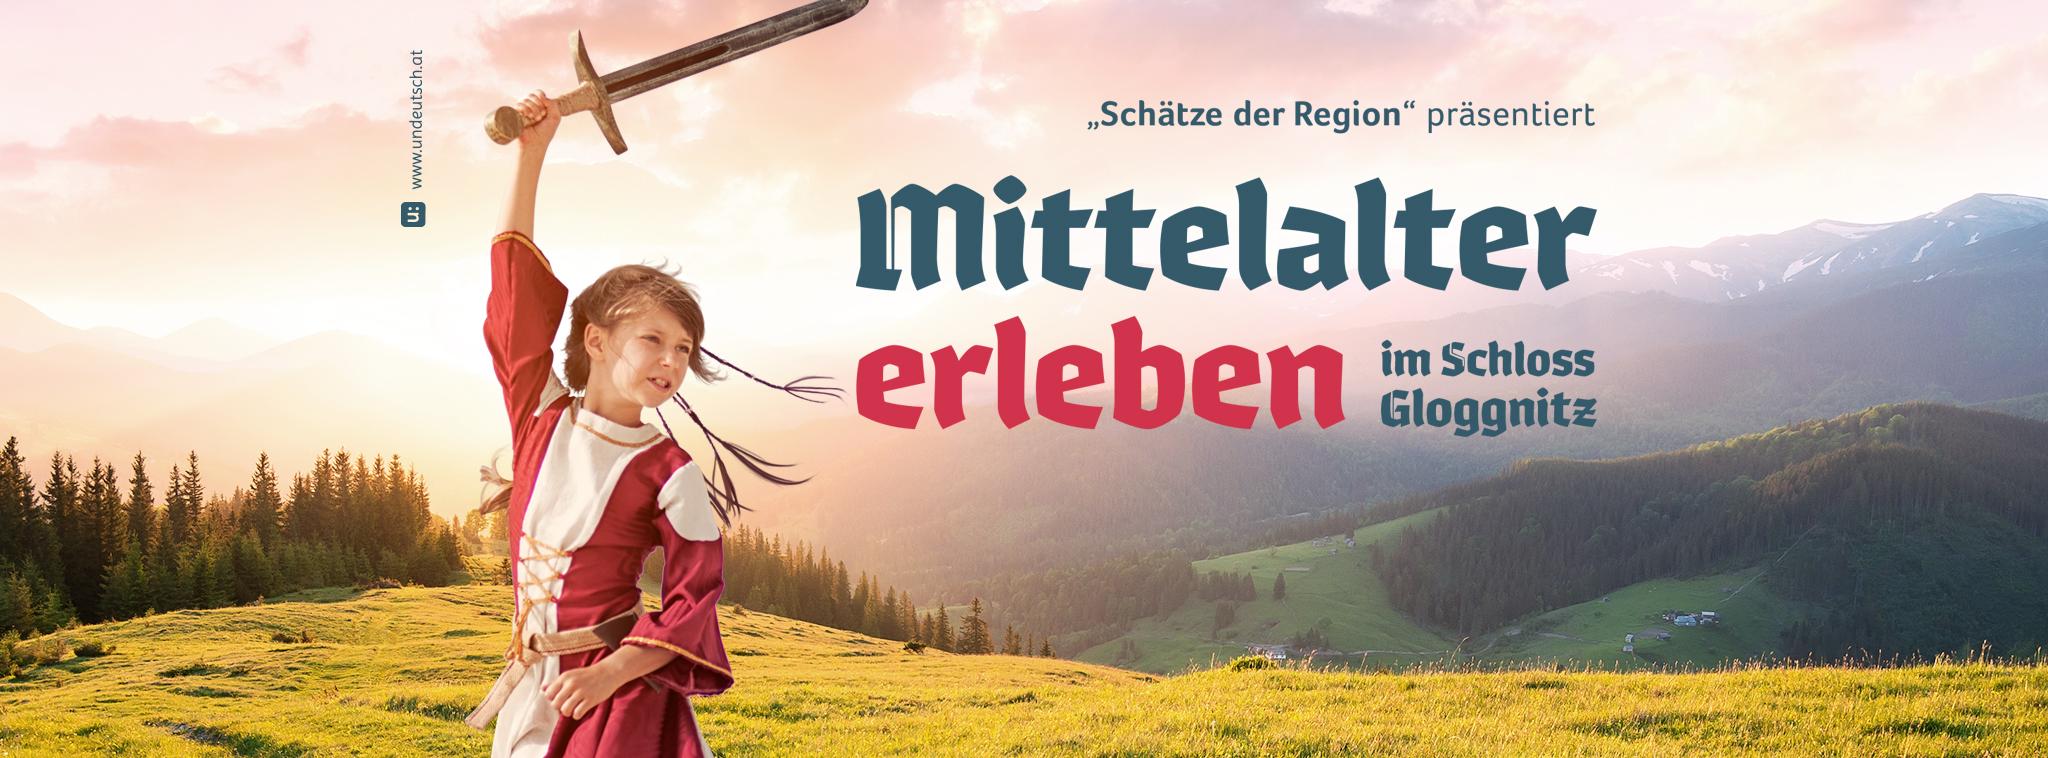 erlebe das Mittelalter in Schloss Gloggnitz